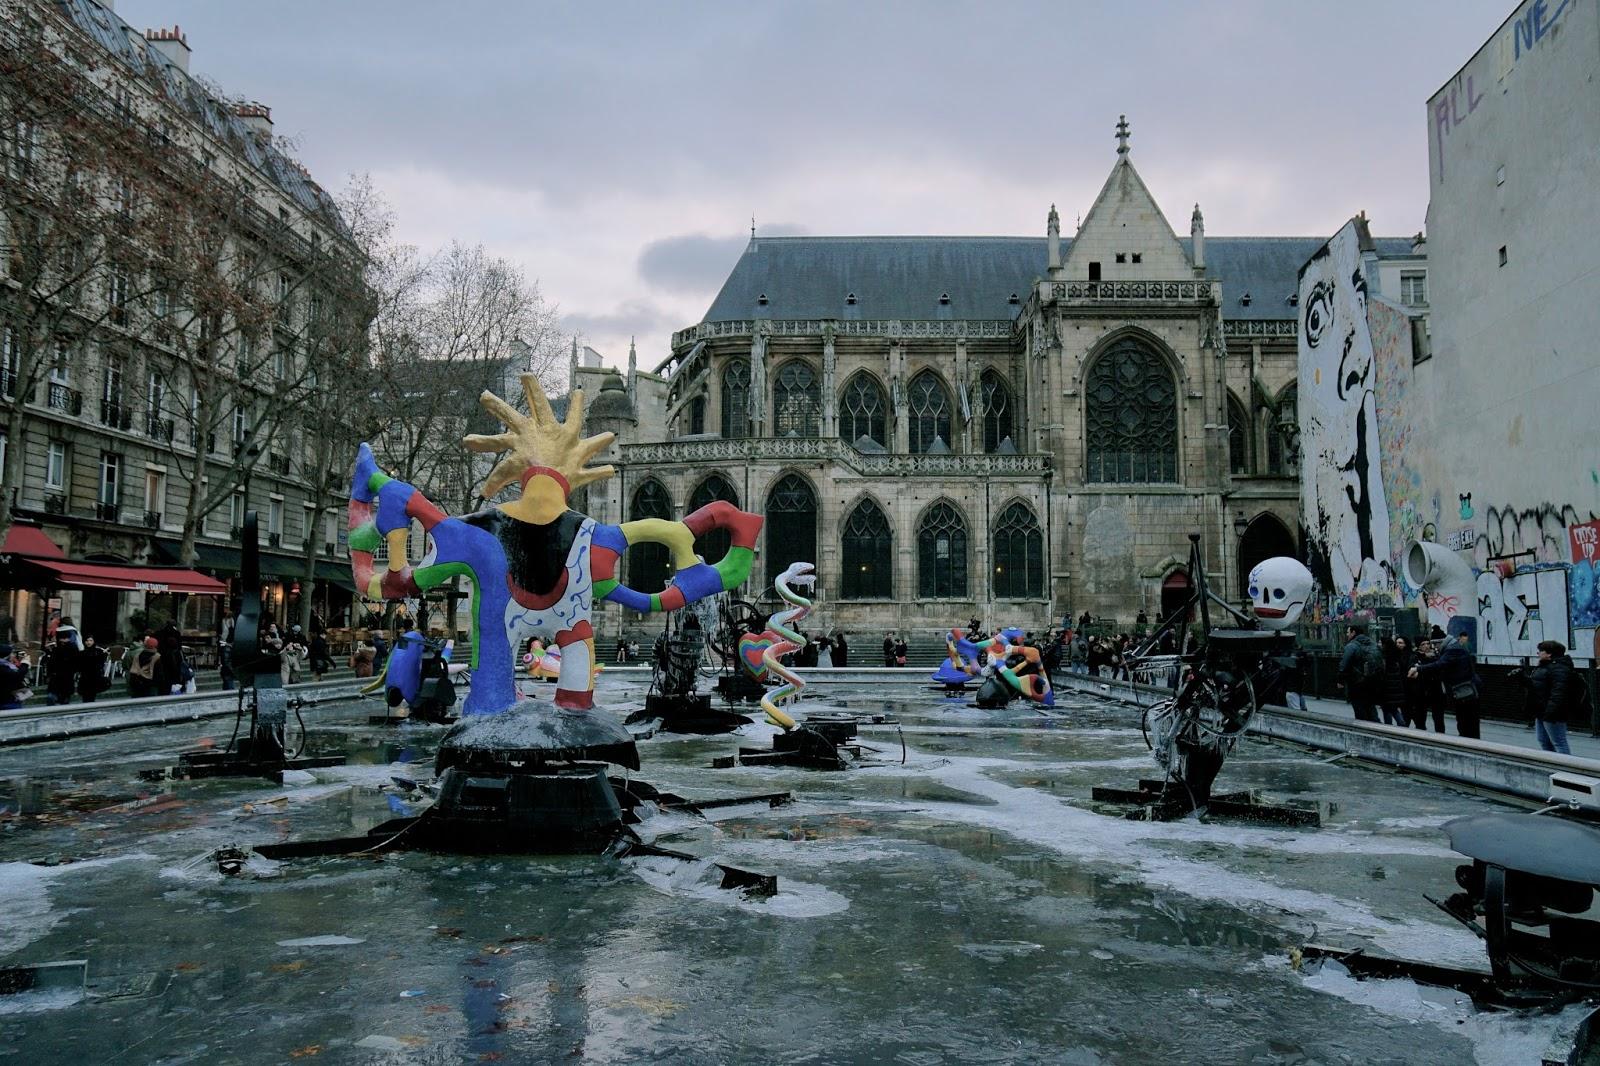 ストラヴィンスキー広場(Place Igor Stravinsky)